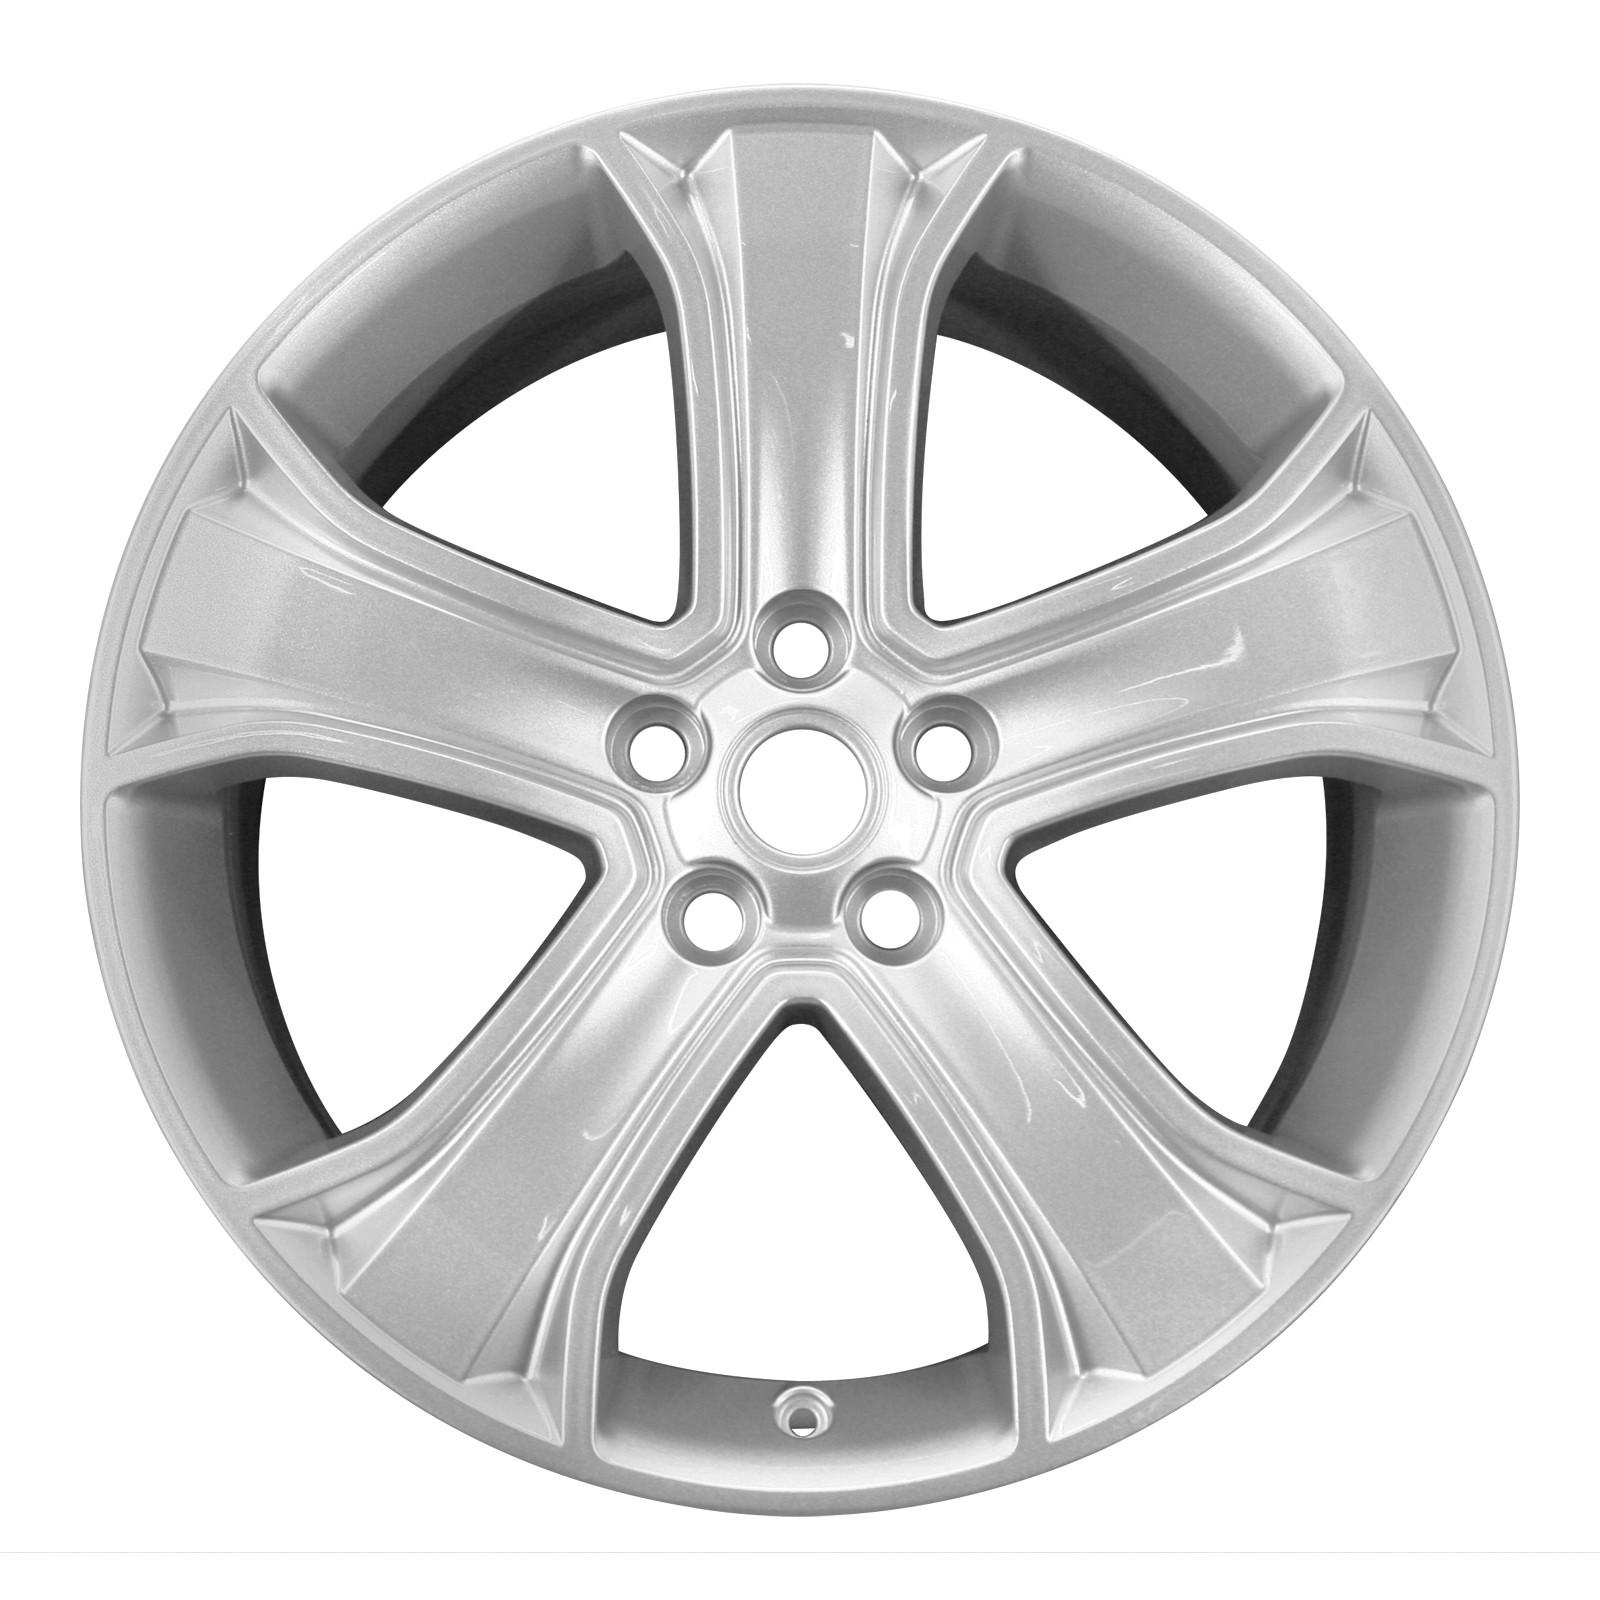 Колесный диск R20 Style 7 Sparkle Silver для Range Rover Sport 2010-2014